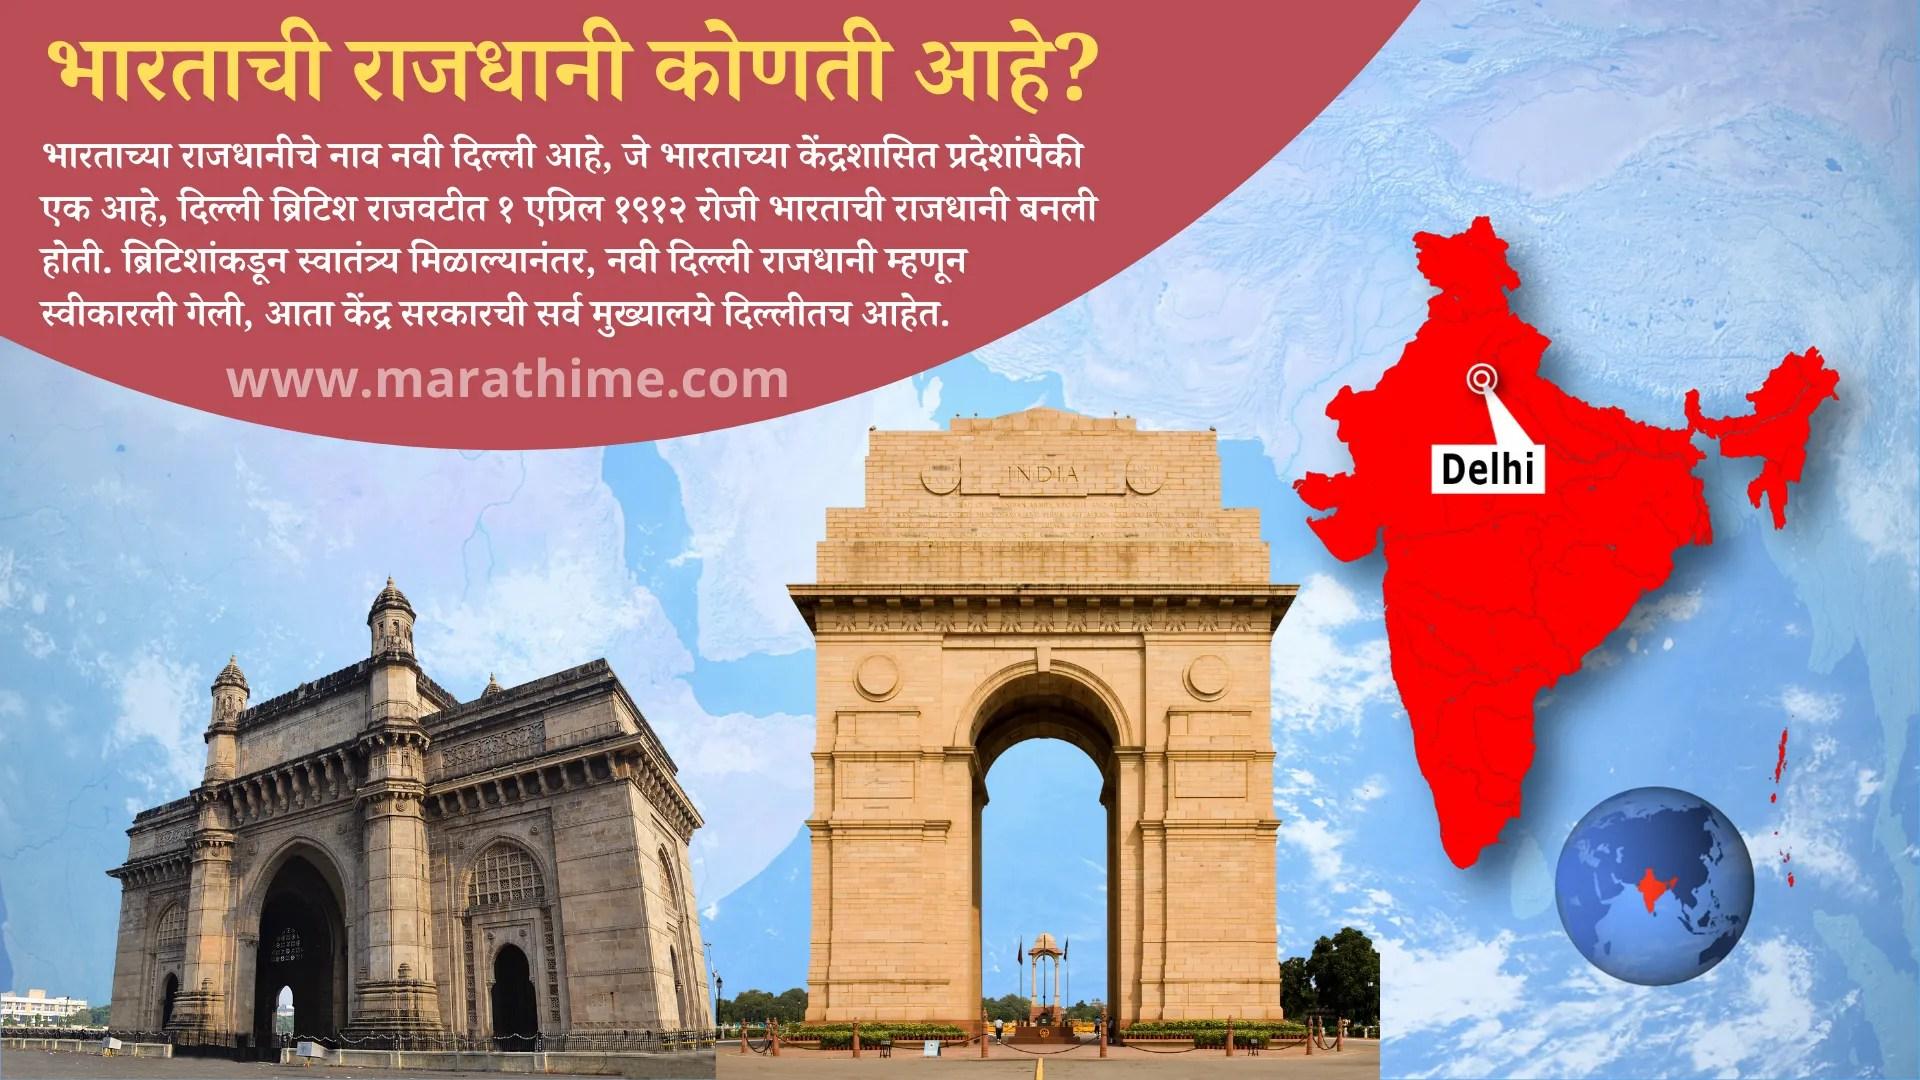 भारताची राजधानी कोणती आहे-Bhartachi Rajdhani Konti